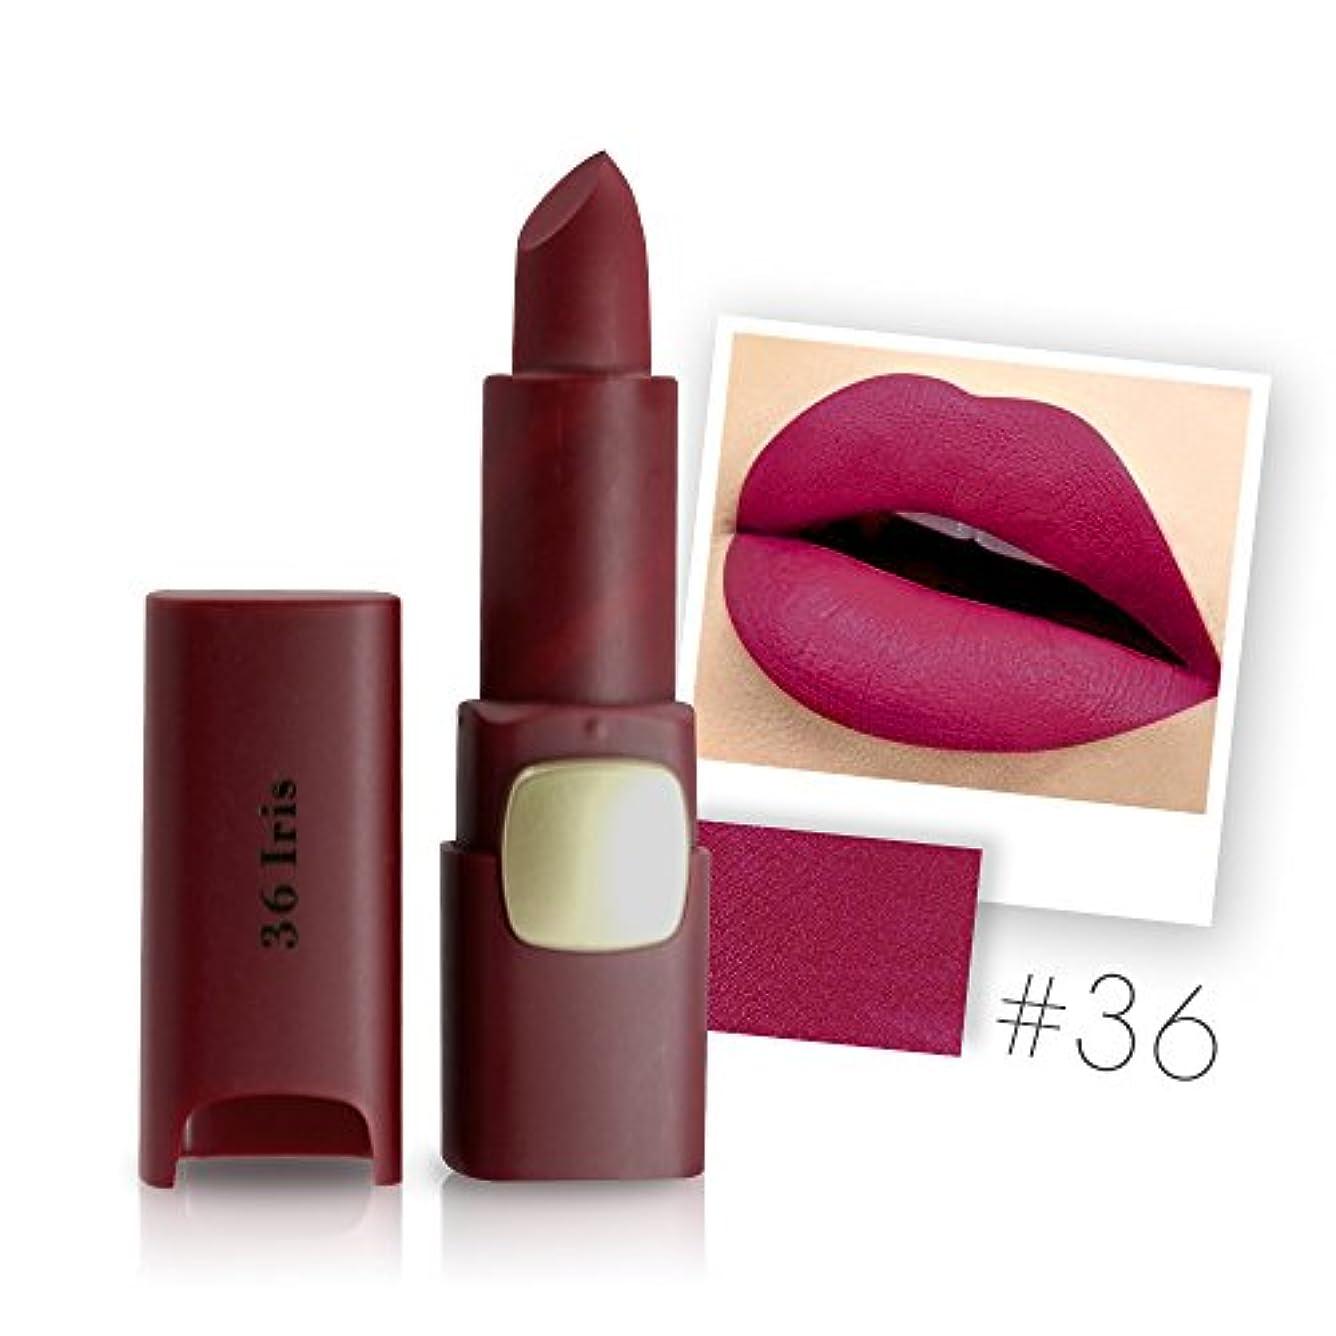 真面目なレオナルドダ家主Miss Rose Brand Matte Lipstick Waterproof Lips Moisturizing Easy To Wear Makeup Lip Sticks Gloss Lipsticks Cosmetic